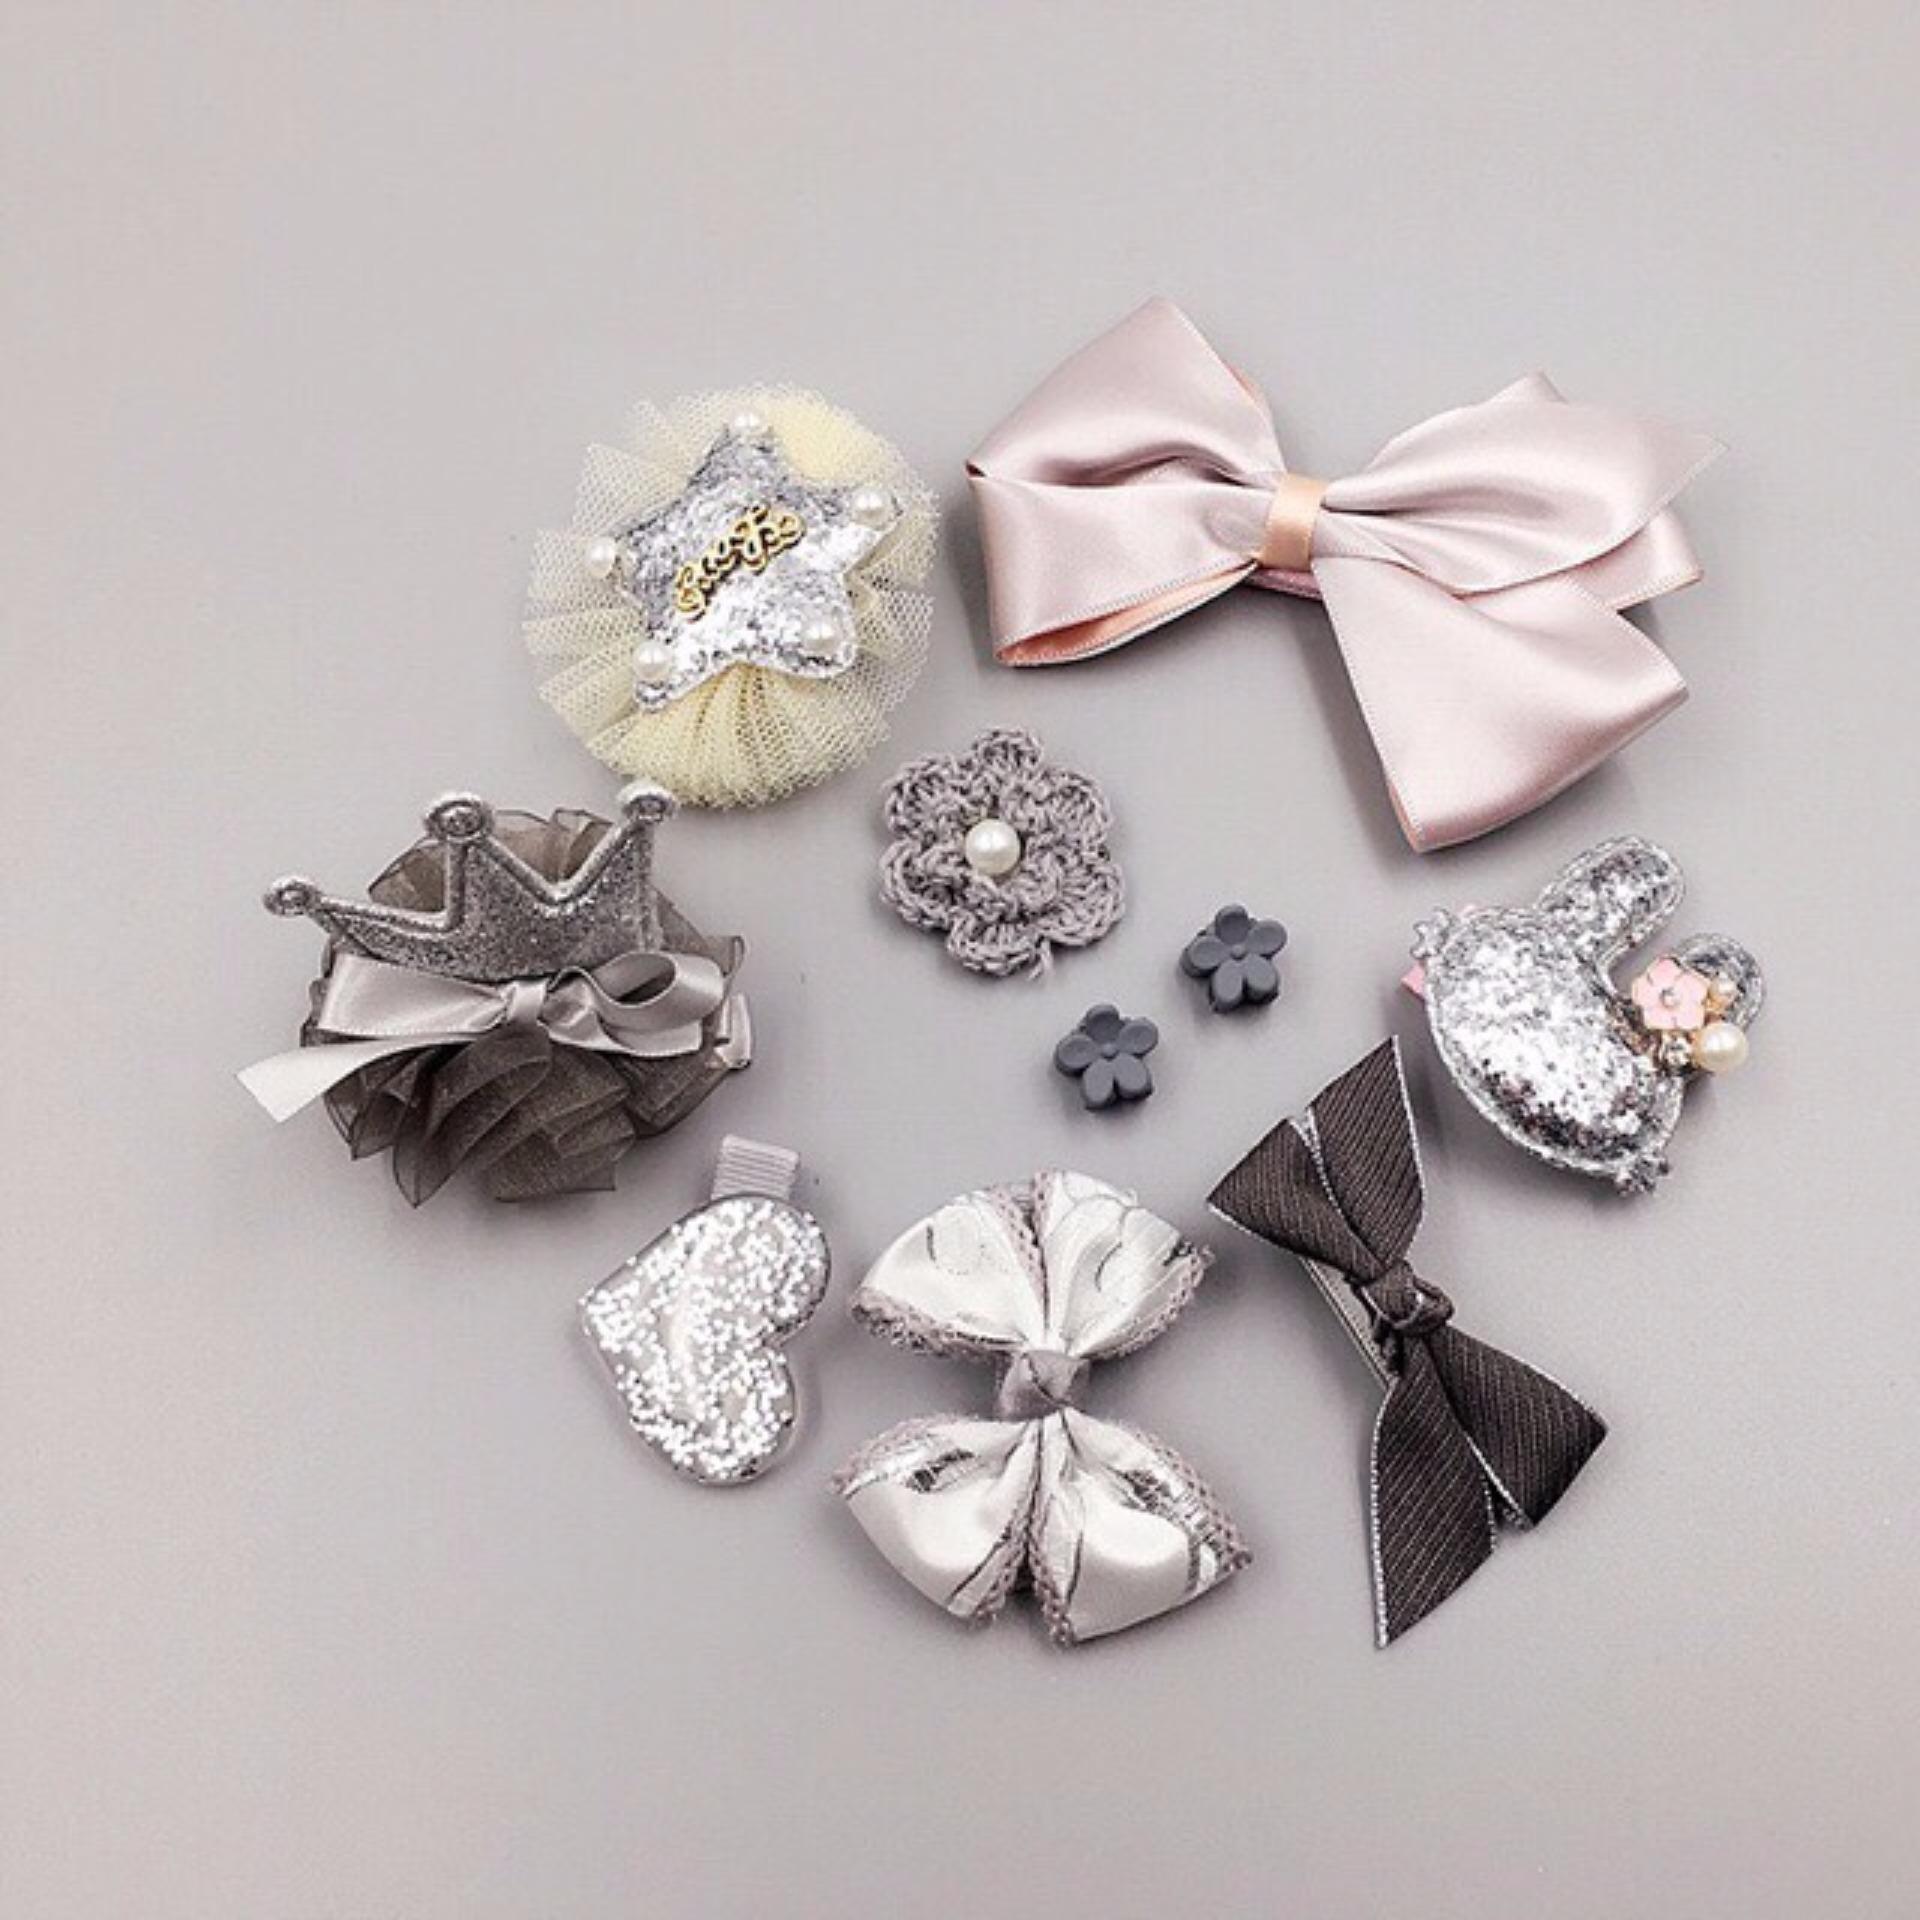 Bộ Phụ Kiện 10 Món Nơ, Cài, Kẹp Tóc Cho Bé Gái Jewelry xanh